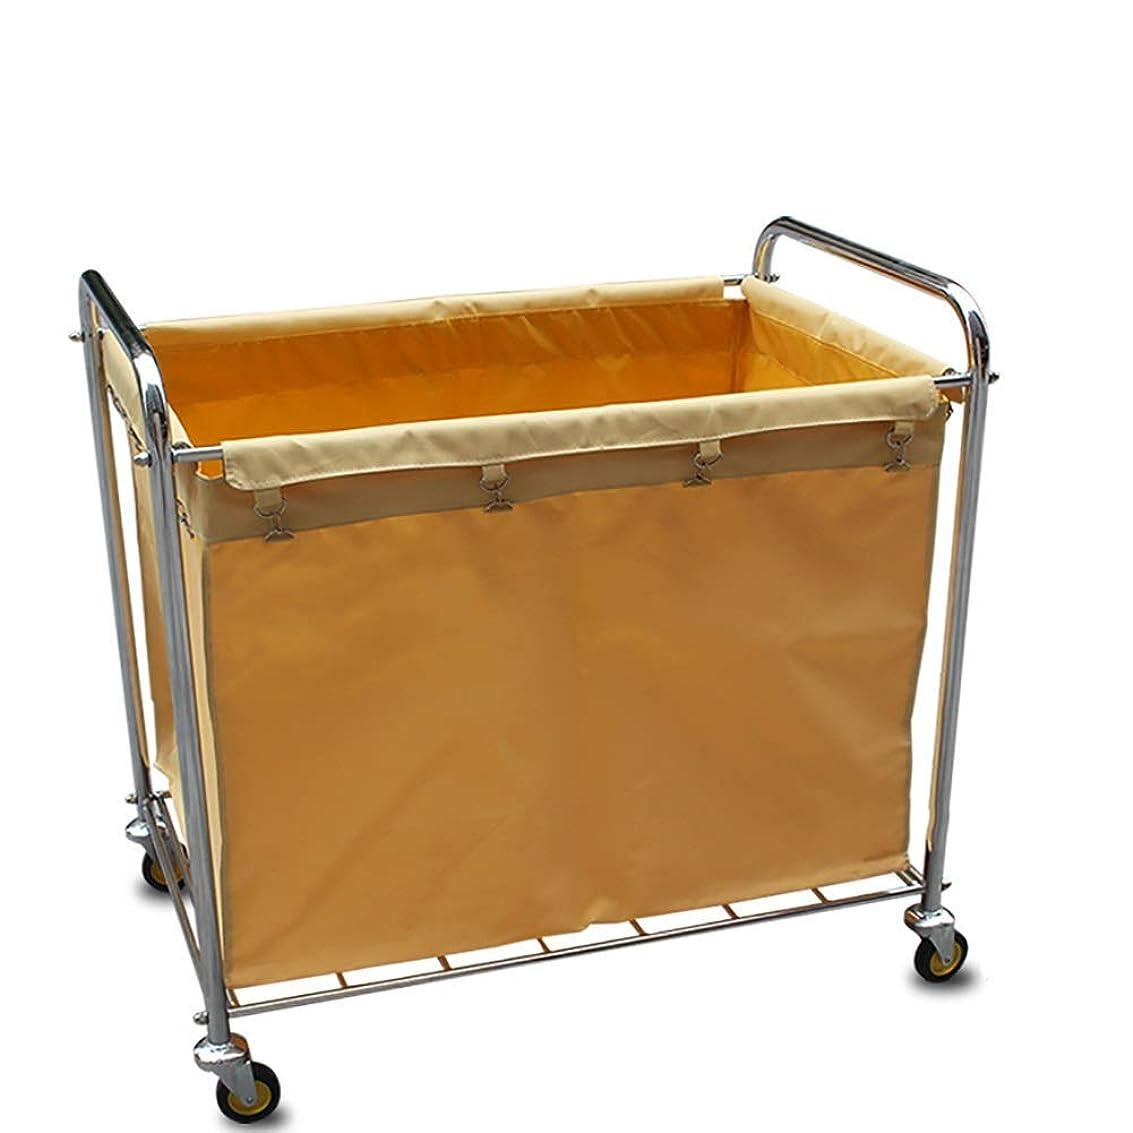 貞明示的にアダルトクリーニングのトロリー - 大容量の洗濯機の選別機のカート、ステンレス鋼フレーム/無声圧延車輪